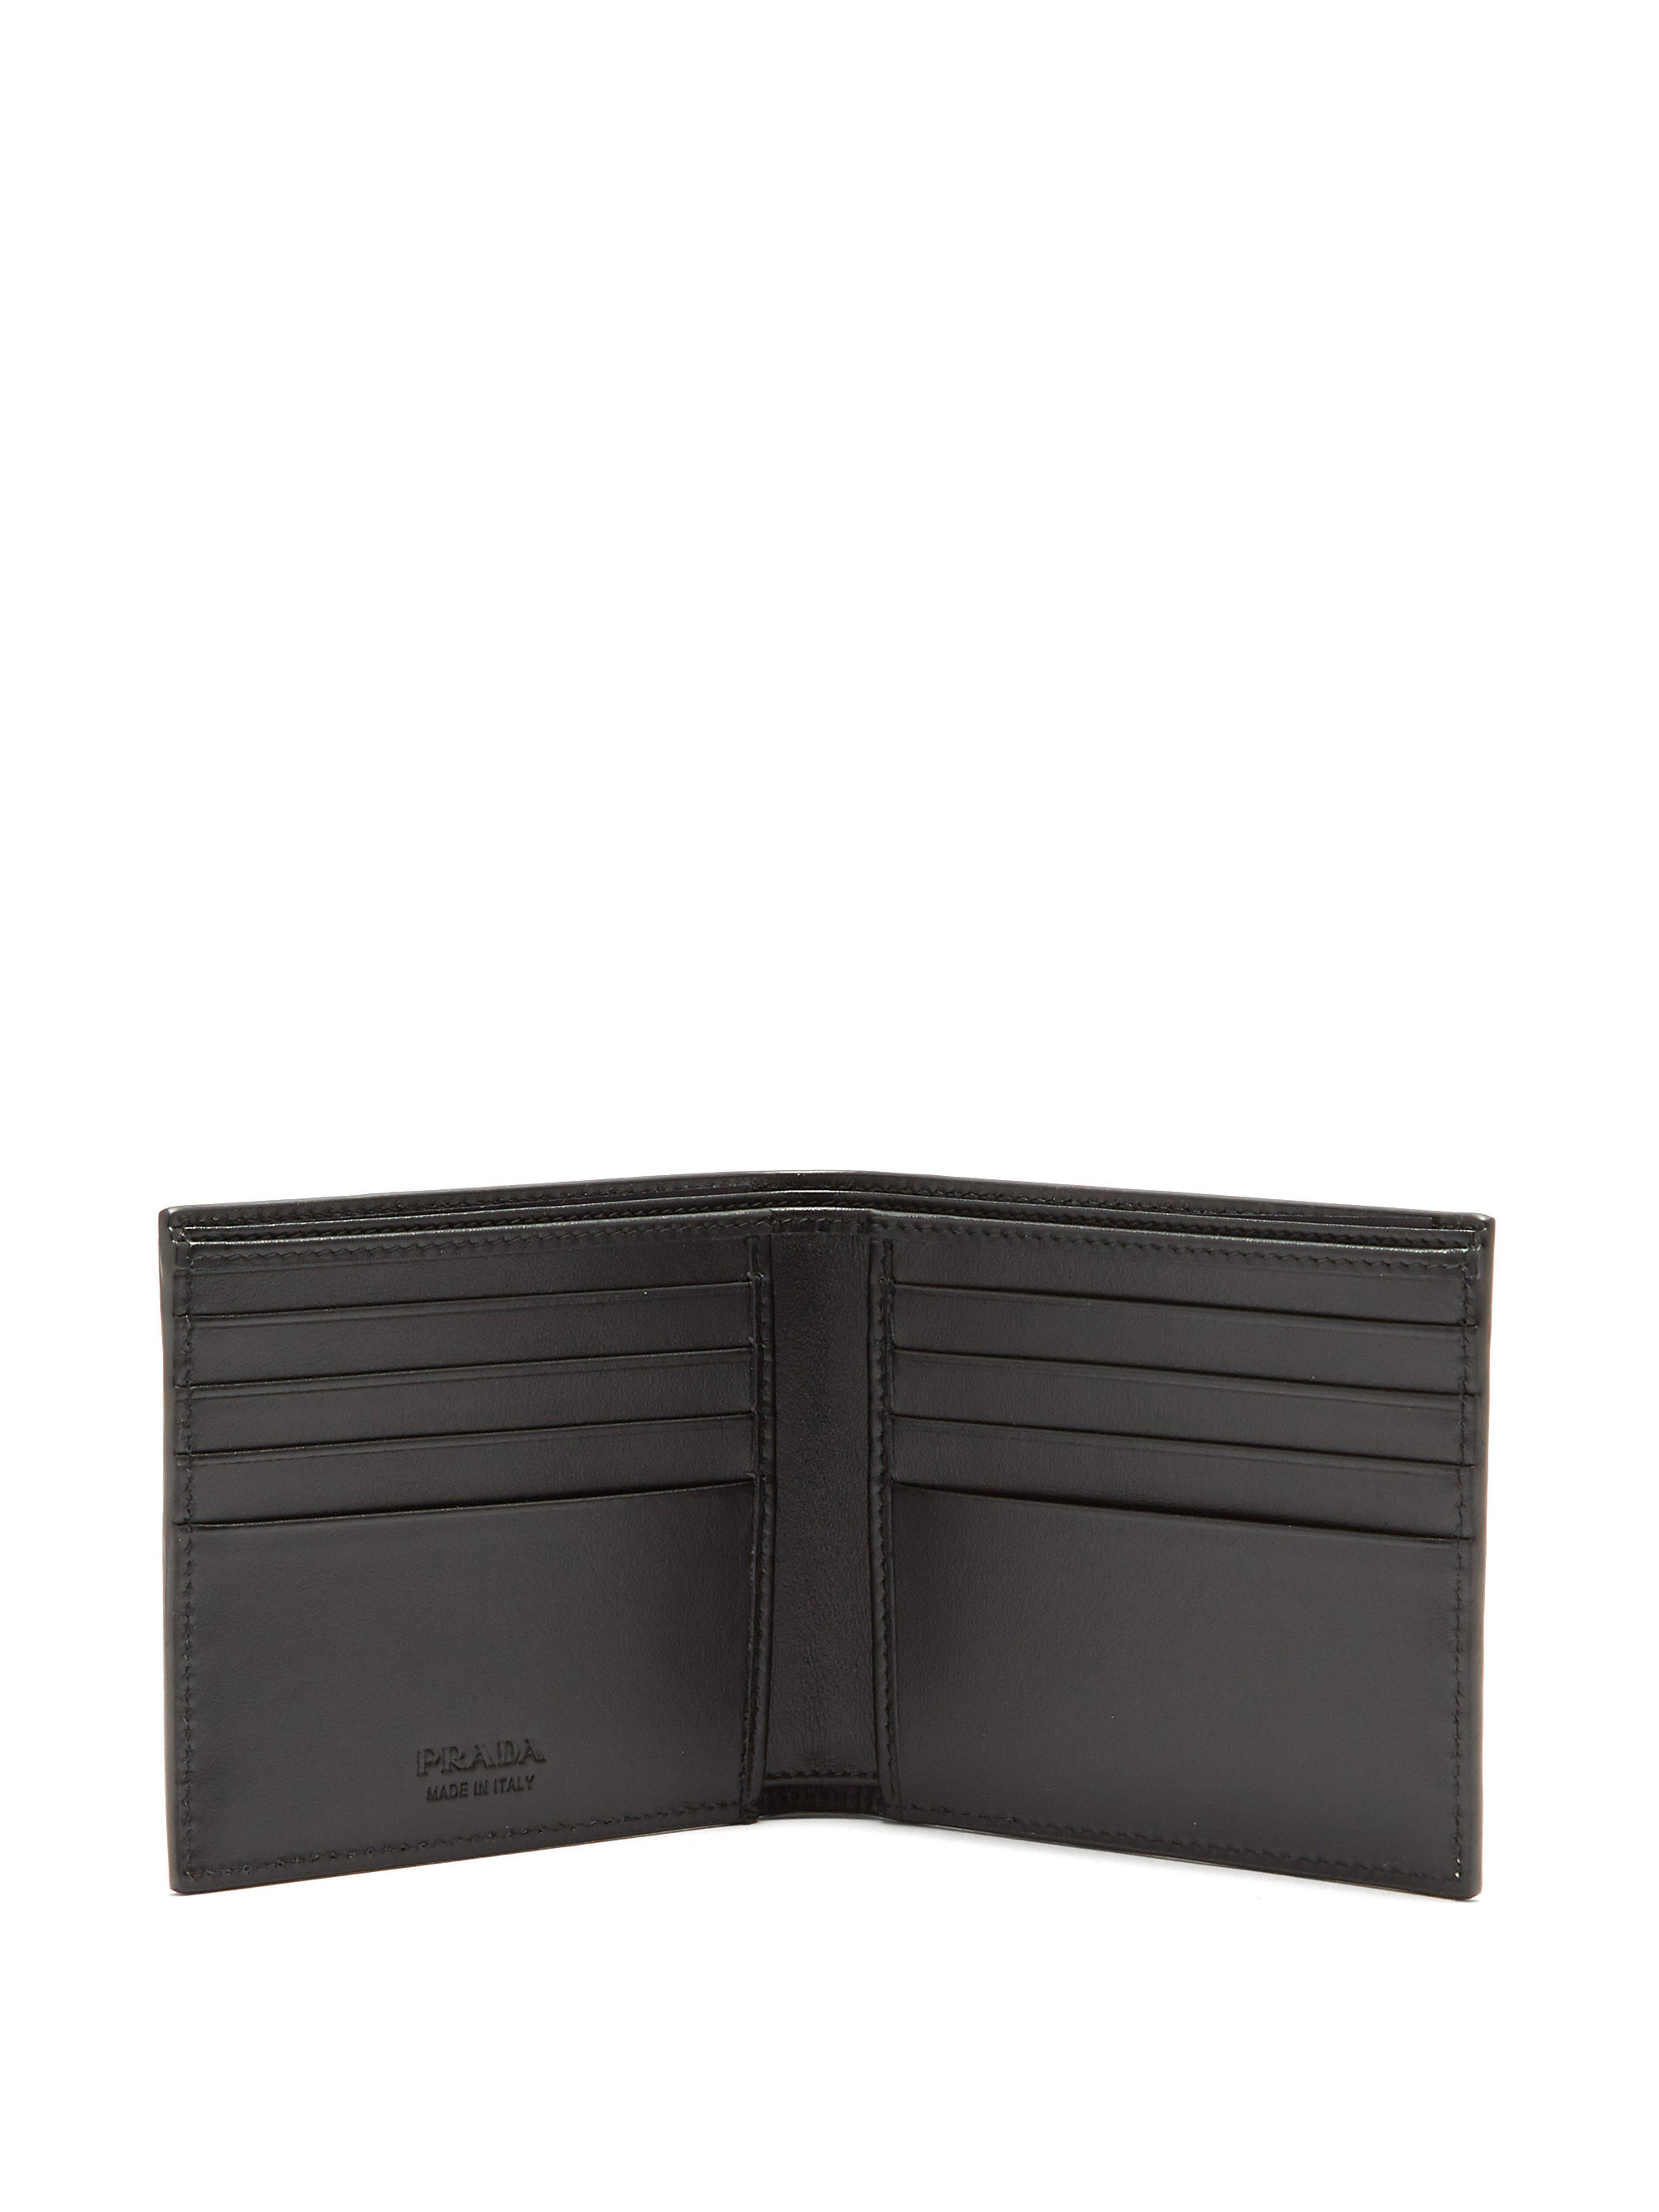 a65ba84bbf39 Prada - White Logo Print Bi Fold Leather Wallet for Men - Lyst. View  fullscreen